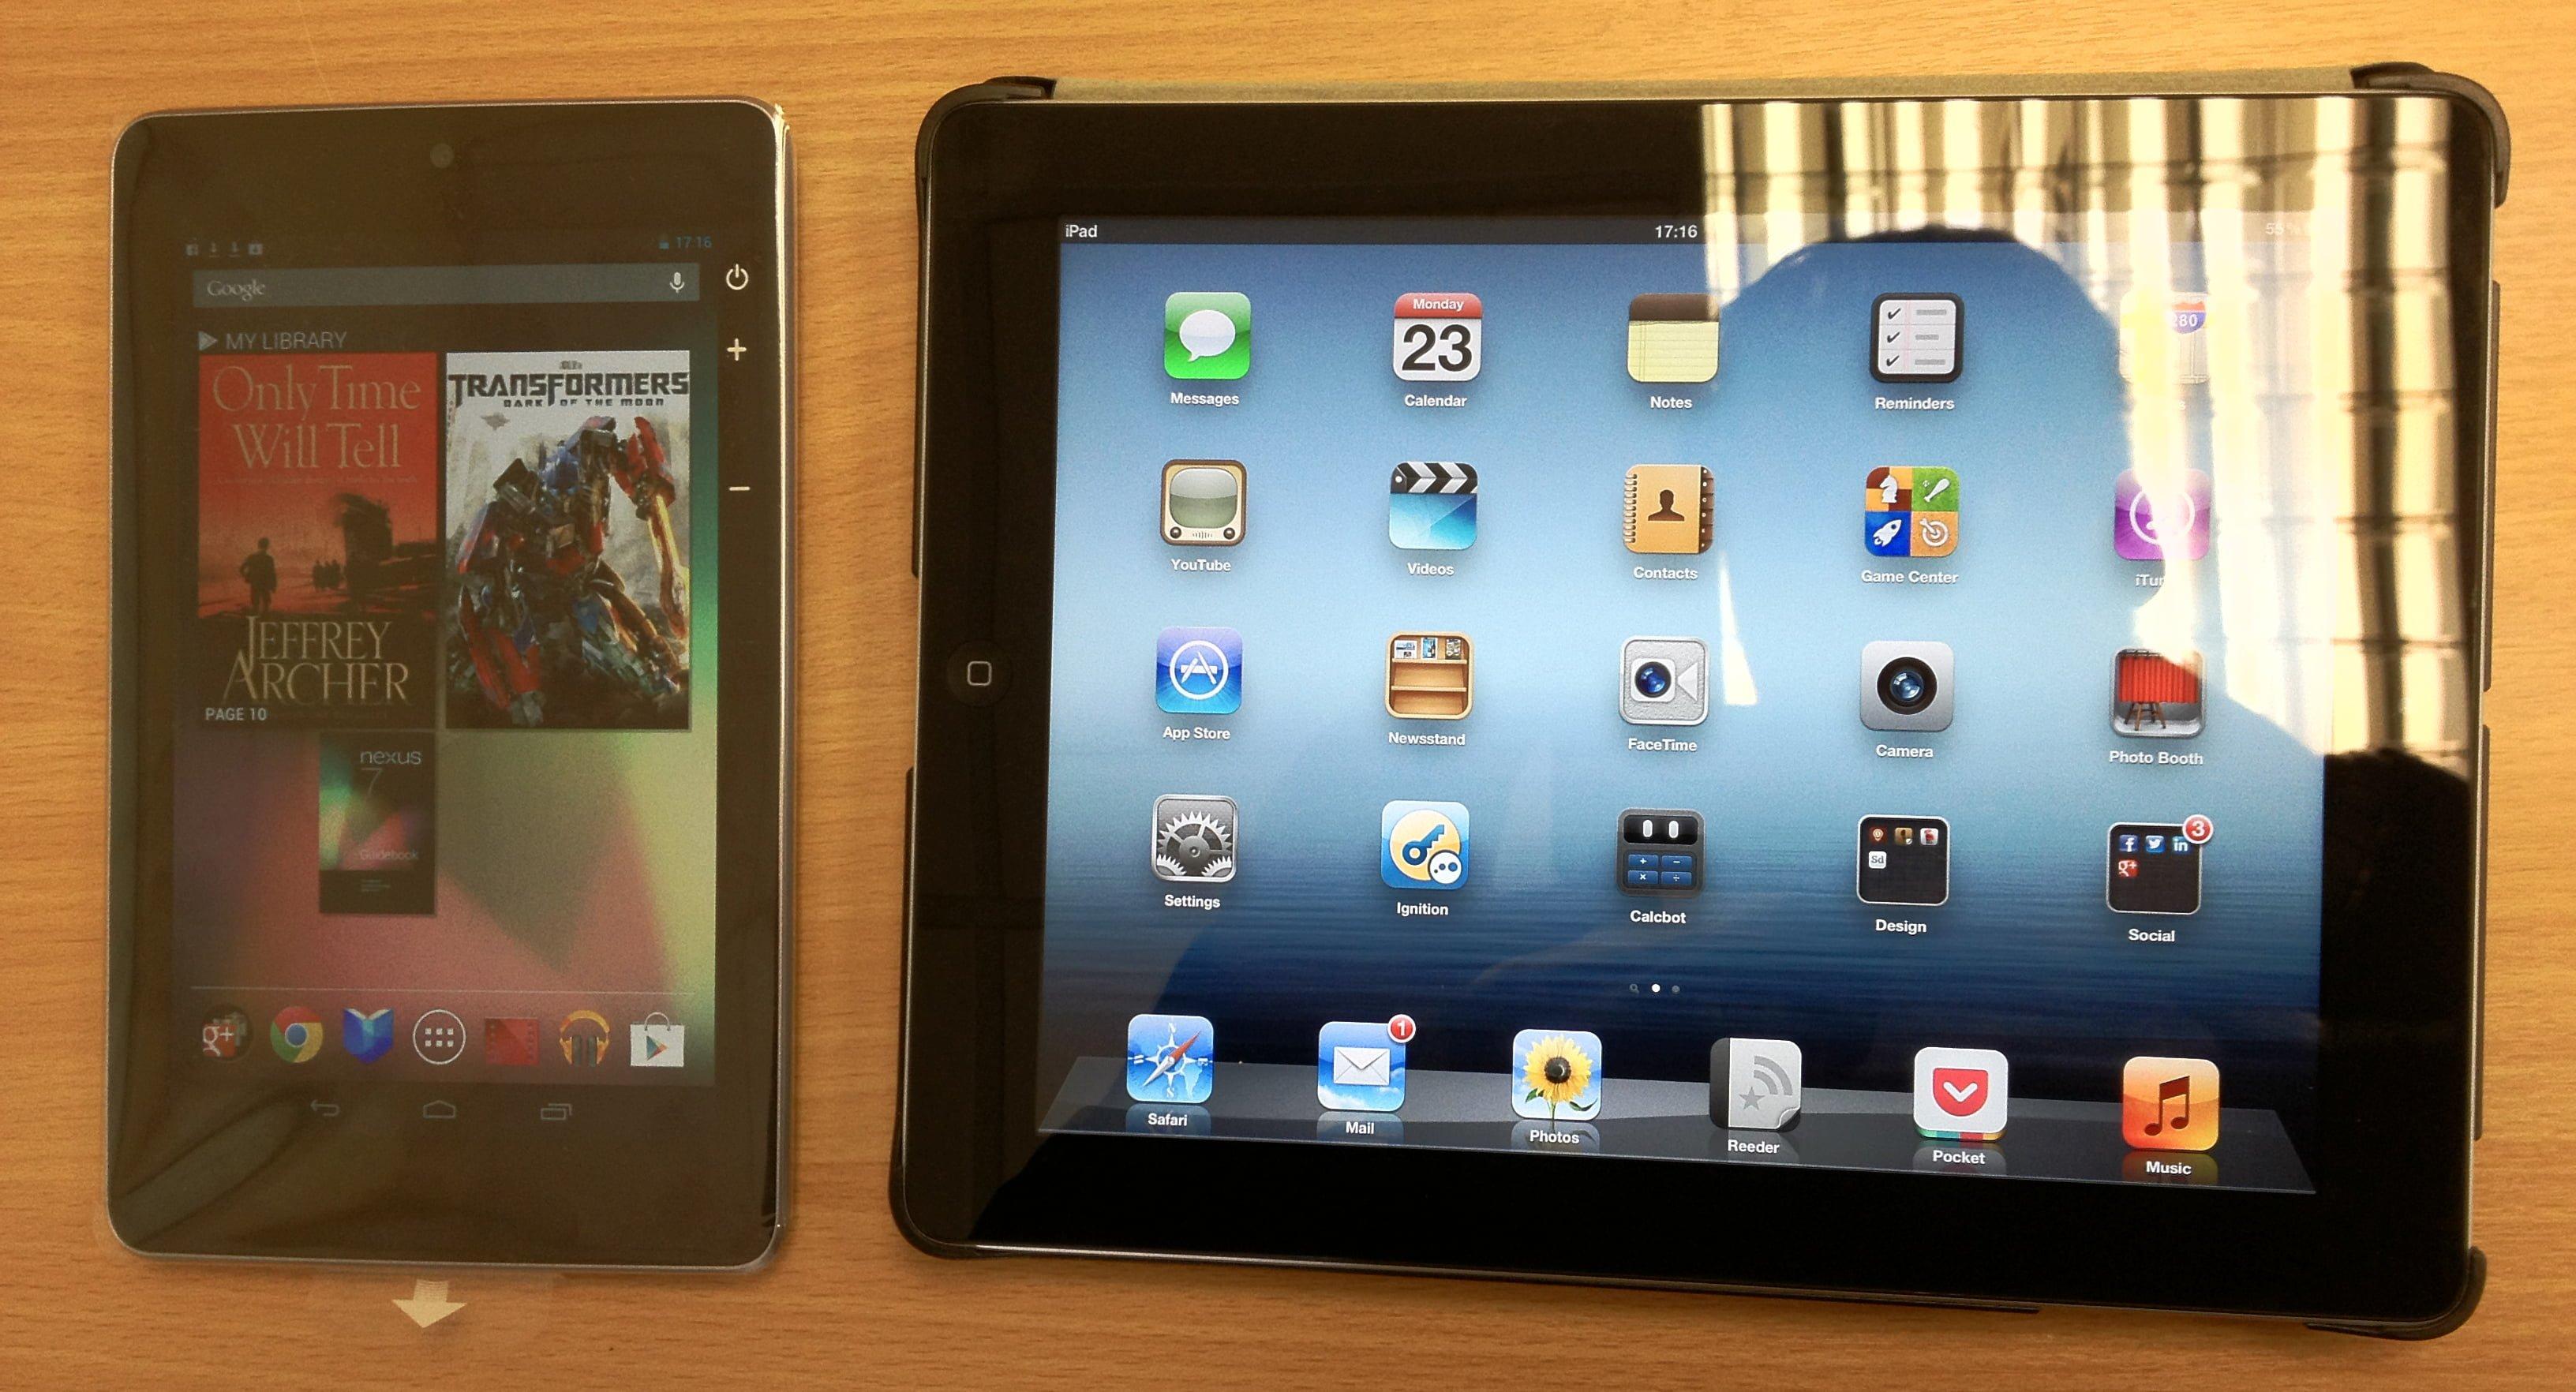 Google Nexus 7 and iPad 3rd Gen Side by side